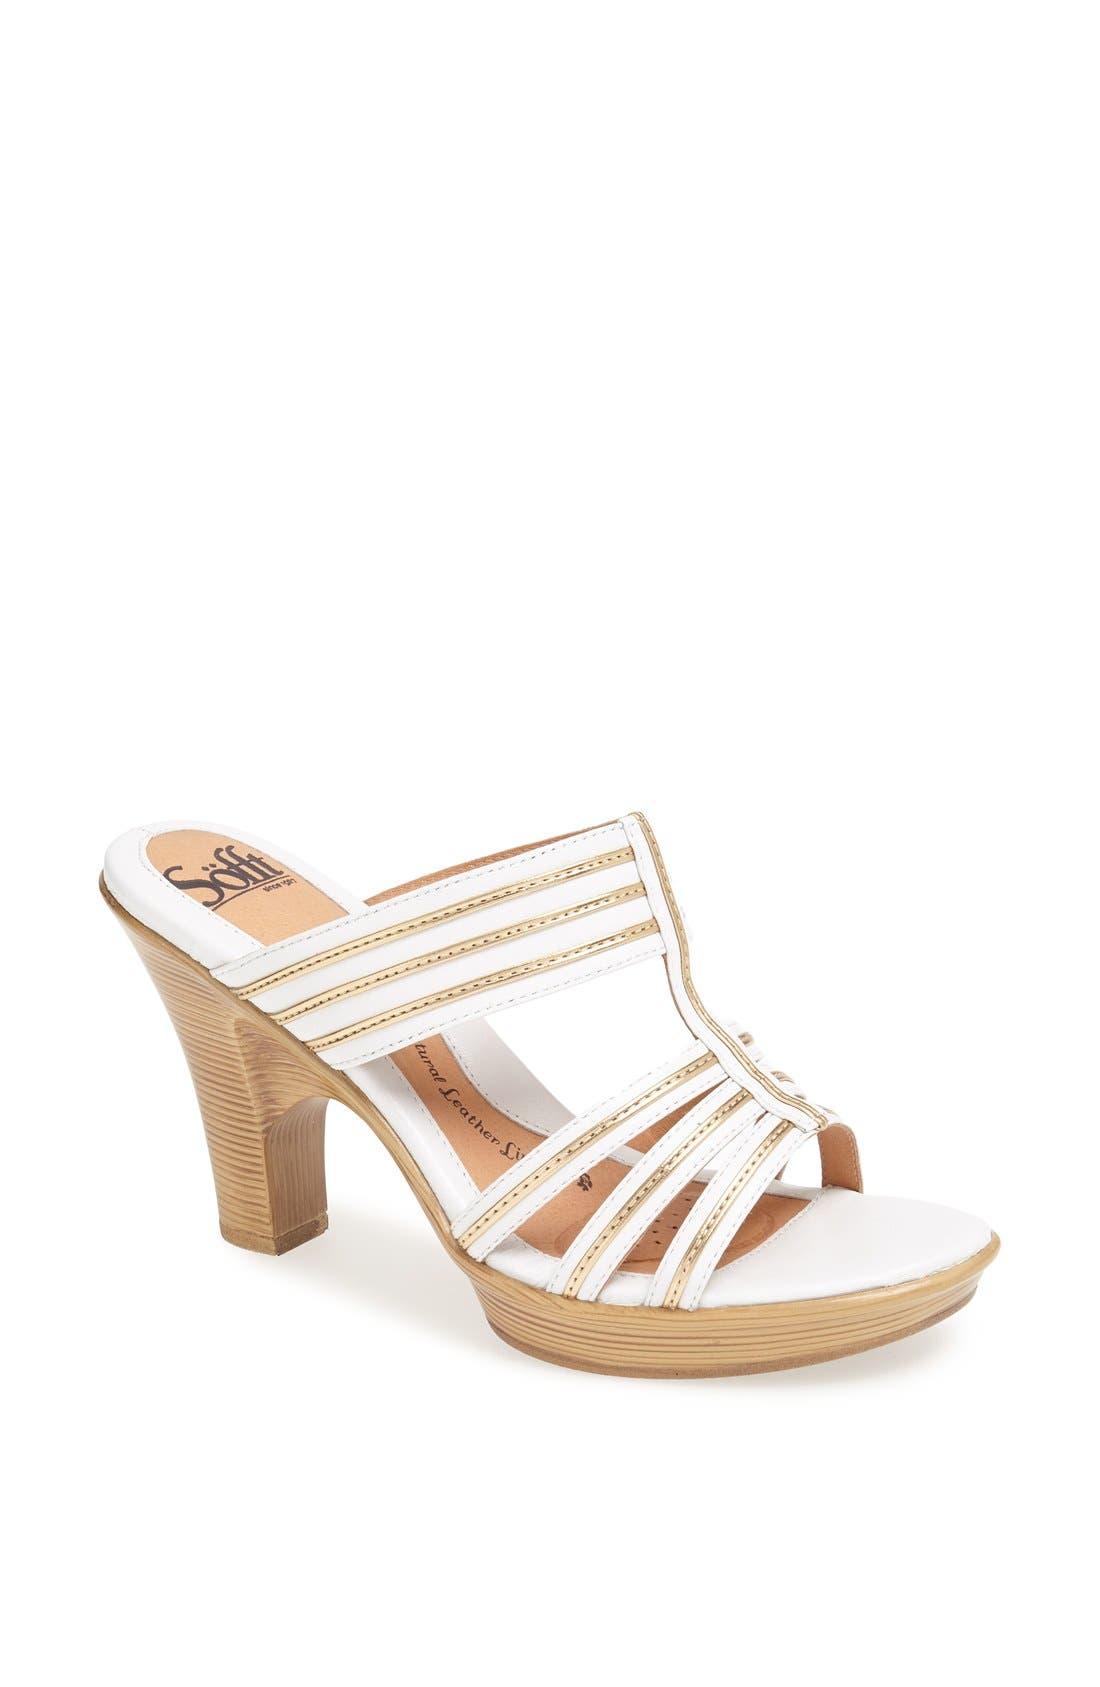 Main Image - Söfft 'Perla' Sandal